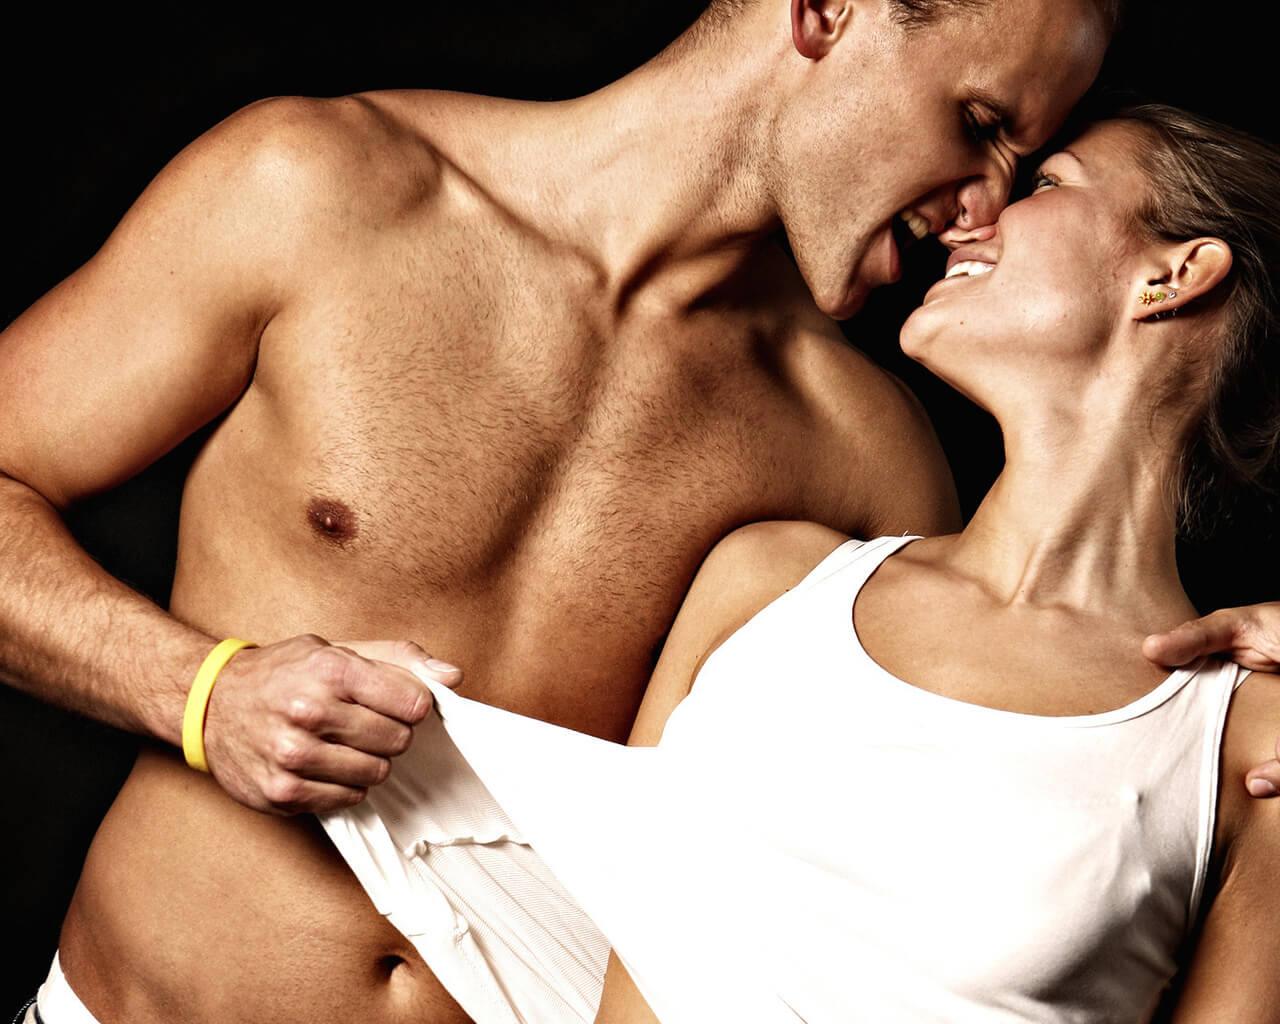 жизни мужское как интимной отражается на